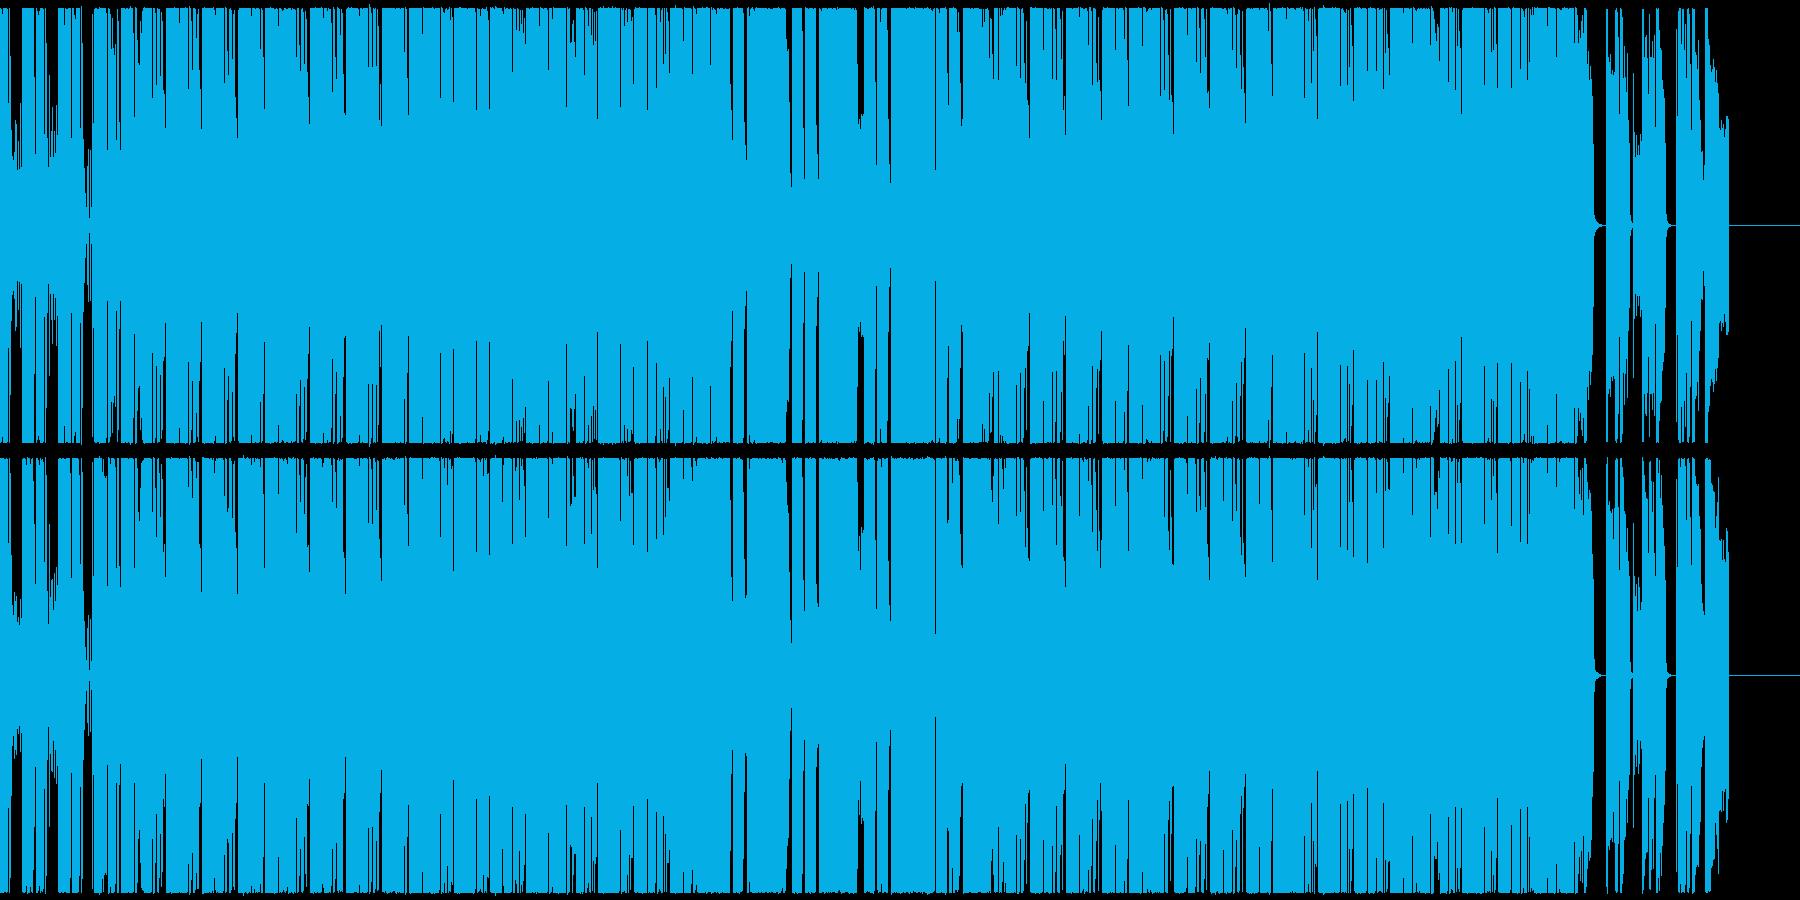 ポップで鮮やかなファンクエレクトロの再生済みの波形